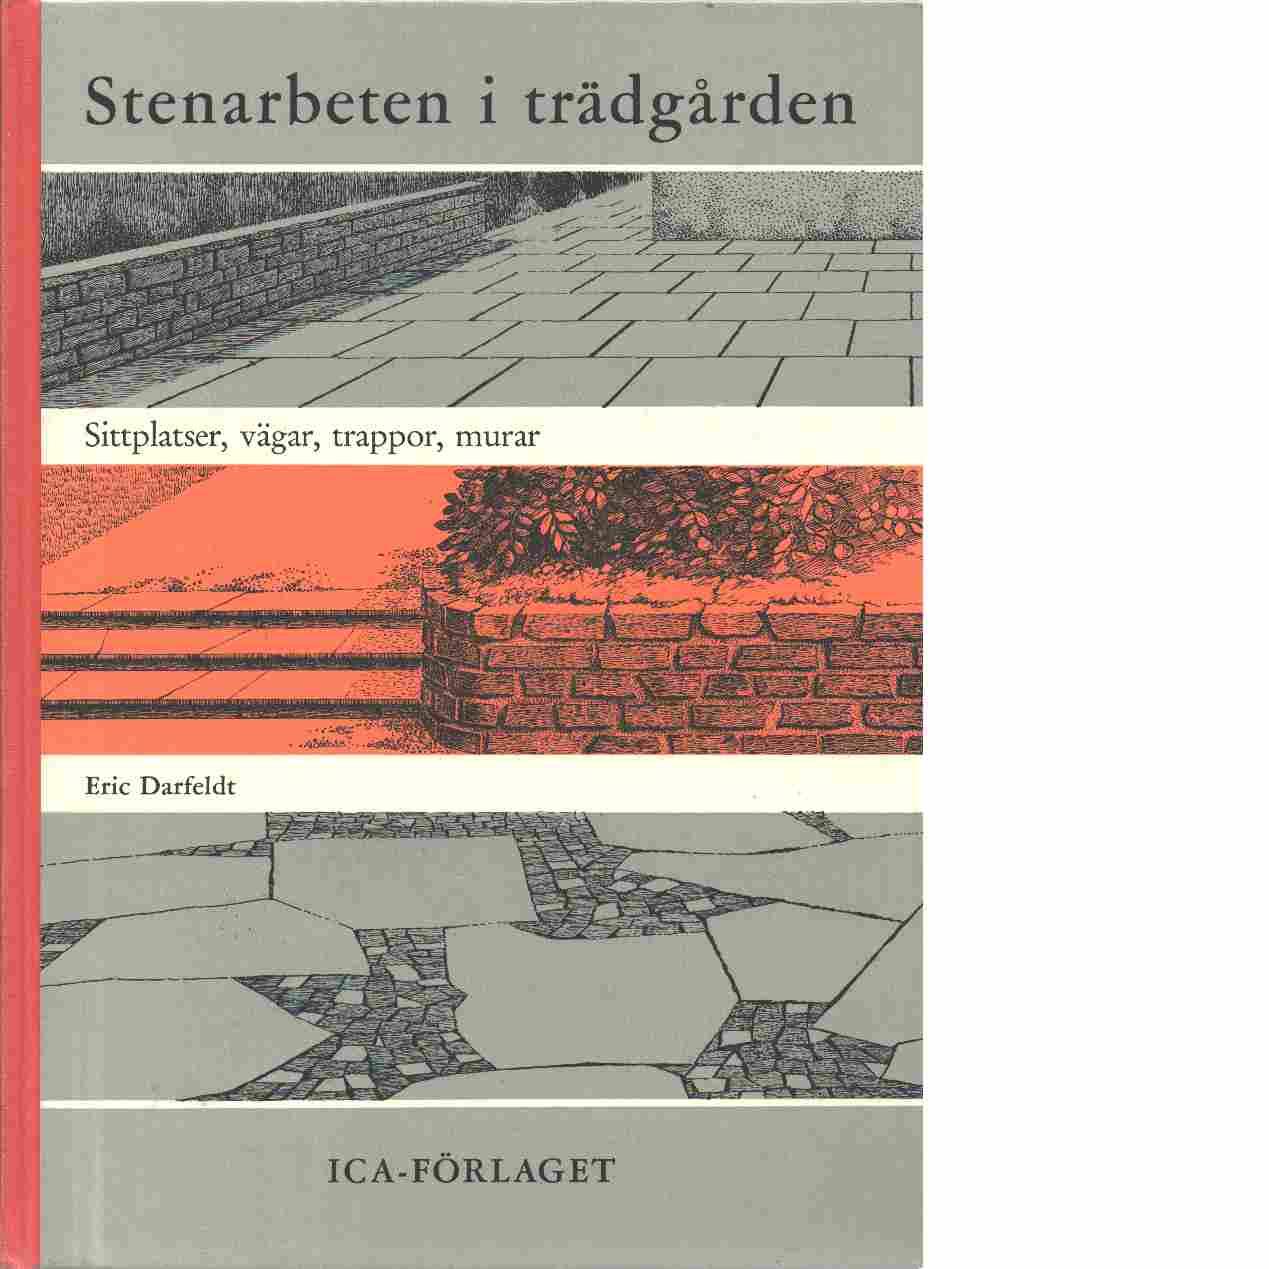 Stenarbeten i trädgården : vägar, trappor, sittplatser, murar, grindstolpar och vattendammar - Darfeldt, Eric